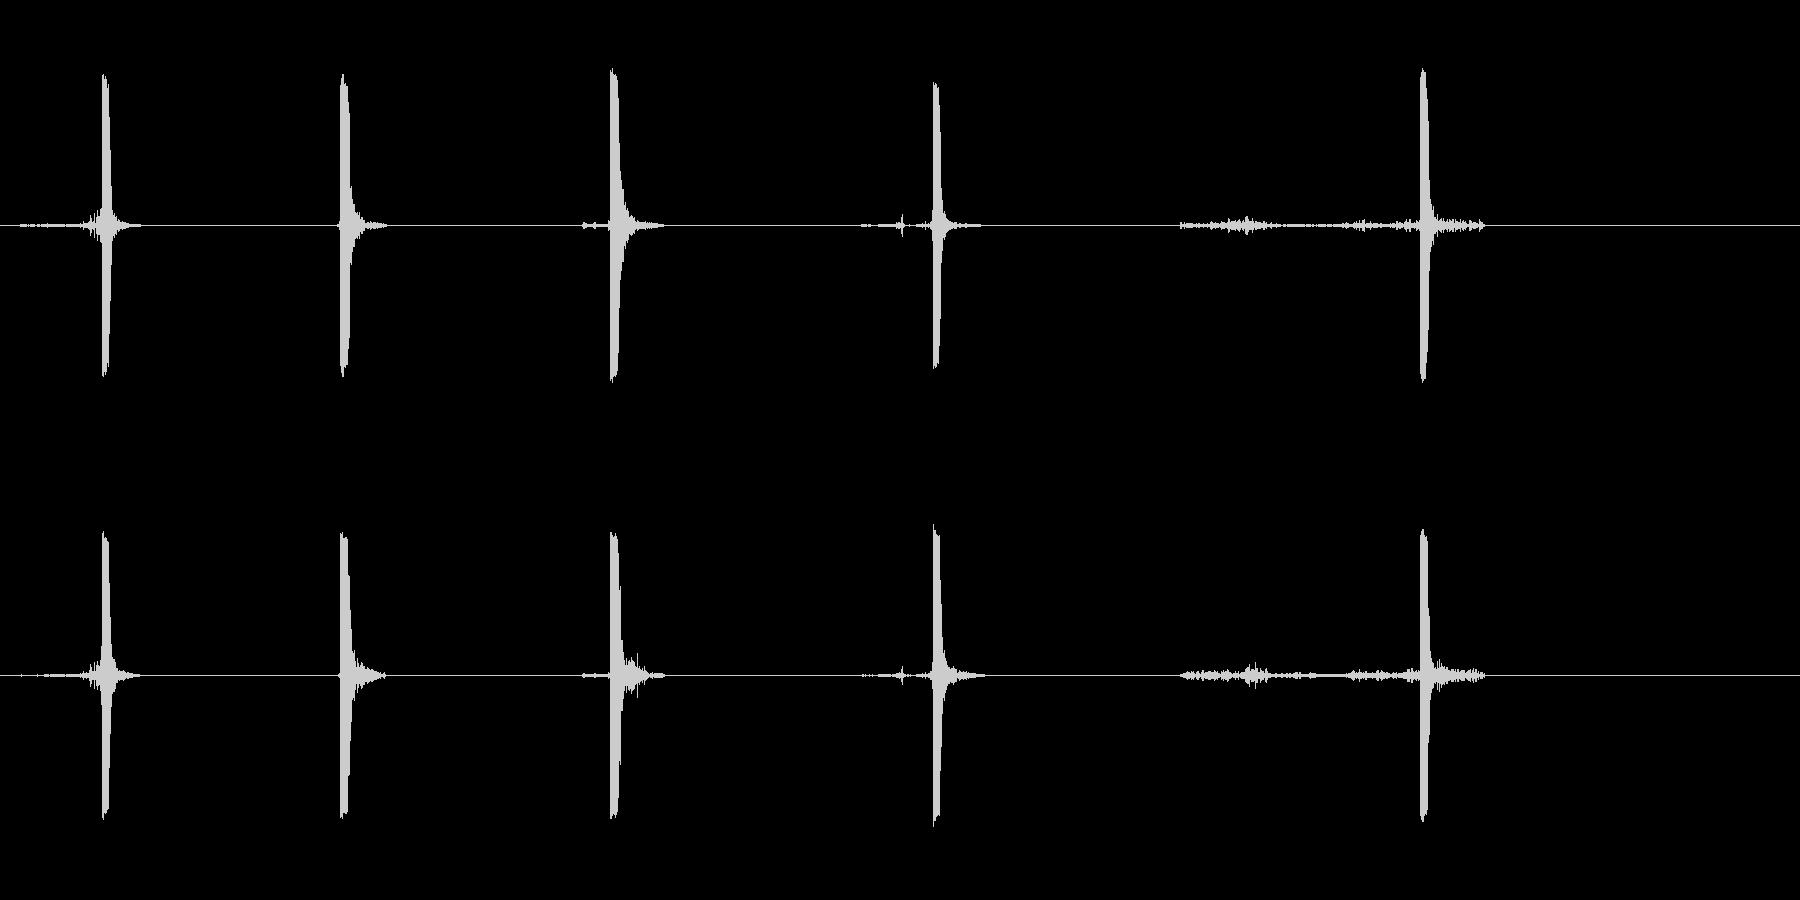 爆竹爆発2; 5つのさまざまなヒュ...の未再生の波形